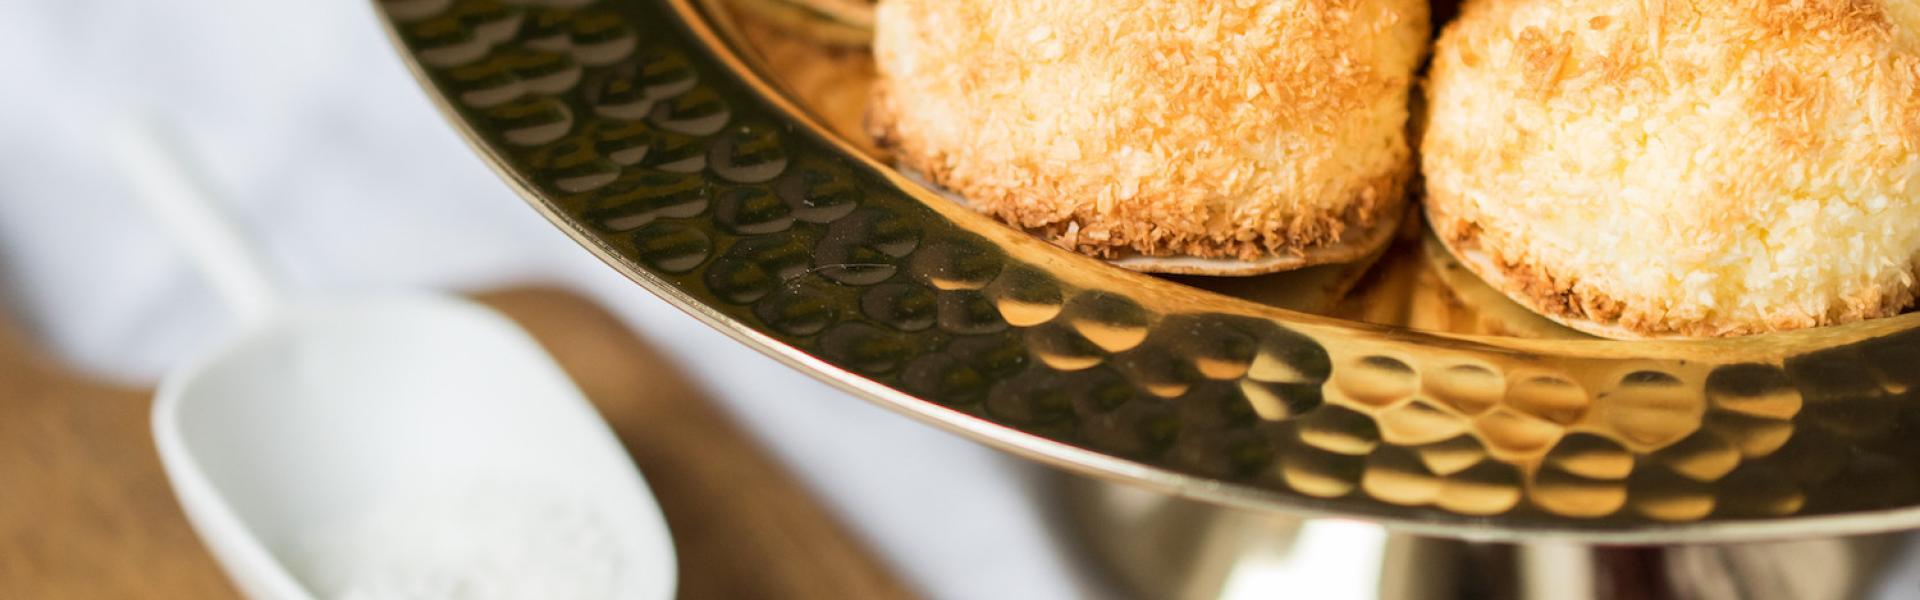 Kokosmakronen mit Quark in einer Schale angerichtet.